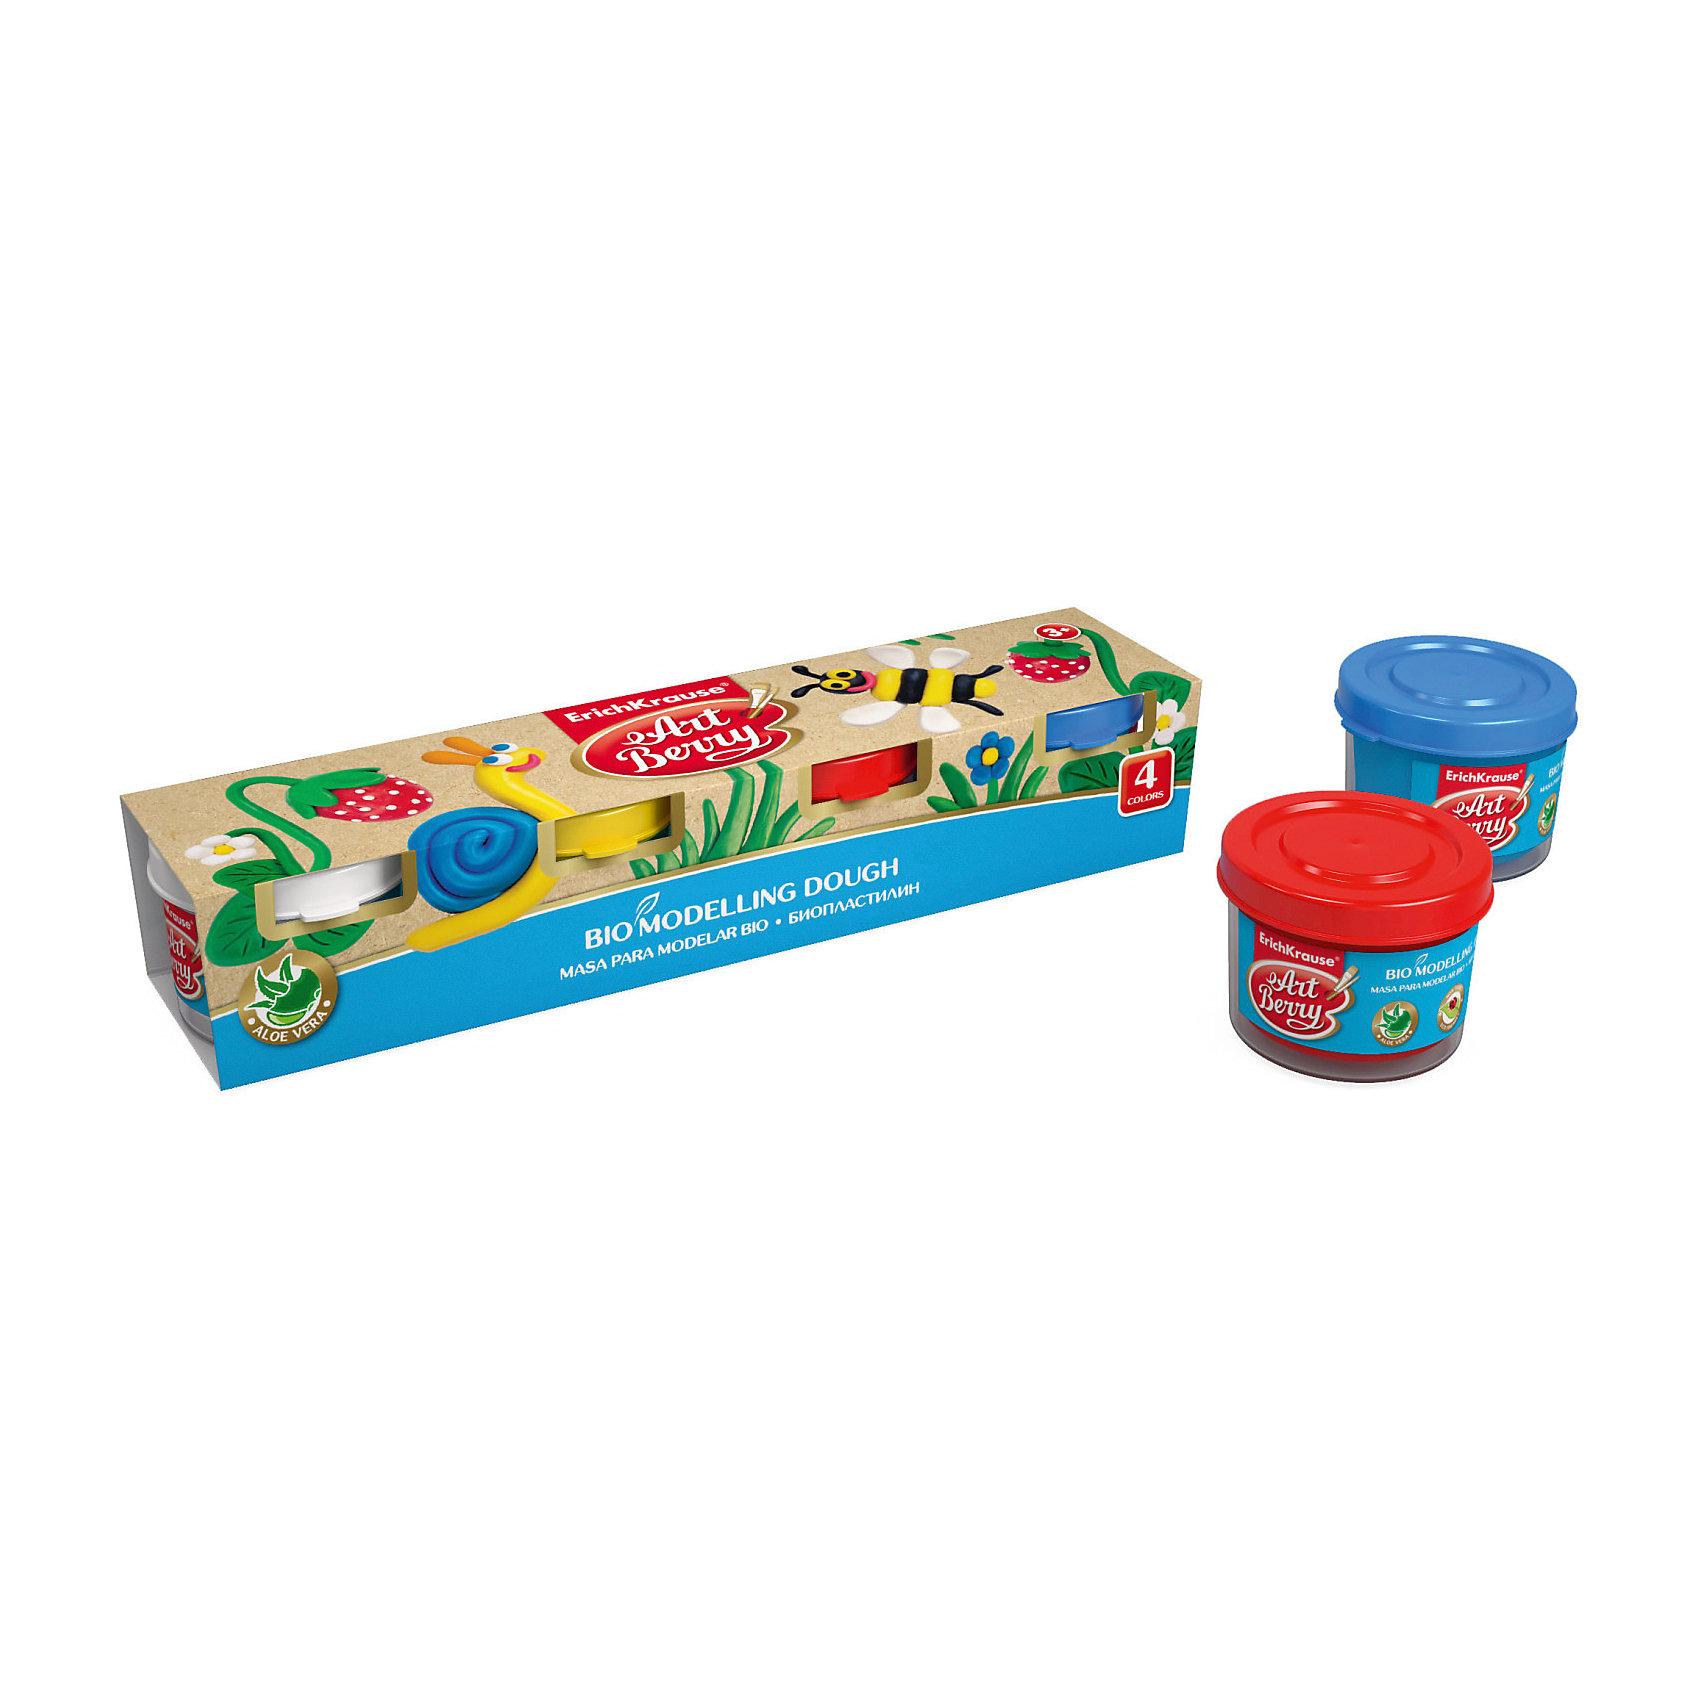 Биопластилин ArtBerry с Алоэ Вера, 4 цвета по 35гЛепка<br>Характеристики товара:<br><br>• материал упаковки: картон<br>• количество цветов: 4<br>• объём каждой баночки: 35 г<br>• возраст: от 5 лет<br>• габариты упаковки: 22х4,0х4,5 см<br>• вес: 193 г<br>• страна производитель: Россия<br><br>Биопластилин – уникальный в своей сфере материал для детского творчества. Быстро и легко разогревается, приятный для лепки и прочный после засыхания. Наличие в составе Алоэ Вера ухаживает за детской кожей и не дает ей пересыхать во время работы с пластилином.<br><br>Биопластилин ArtBerry с Алоэ Вера, 4 цвета по 35г можно купить в нашем интернет-магазине.<br><br>Ширина мм: 220<br>Глубина мм: 40<br>Высота мм: 45<br>Вес г: 193<br>Возраст от месяцев: 36<br>Возраст до месяцев: 2147483647<br>Пол: Унисекс<br>Возраст: Детский<br>SKU: 5409318